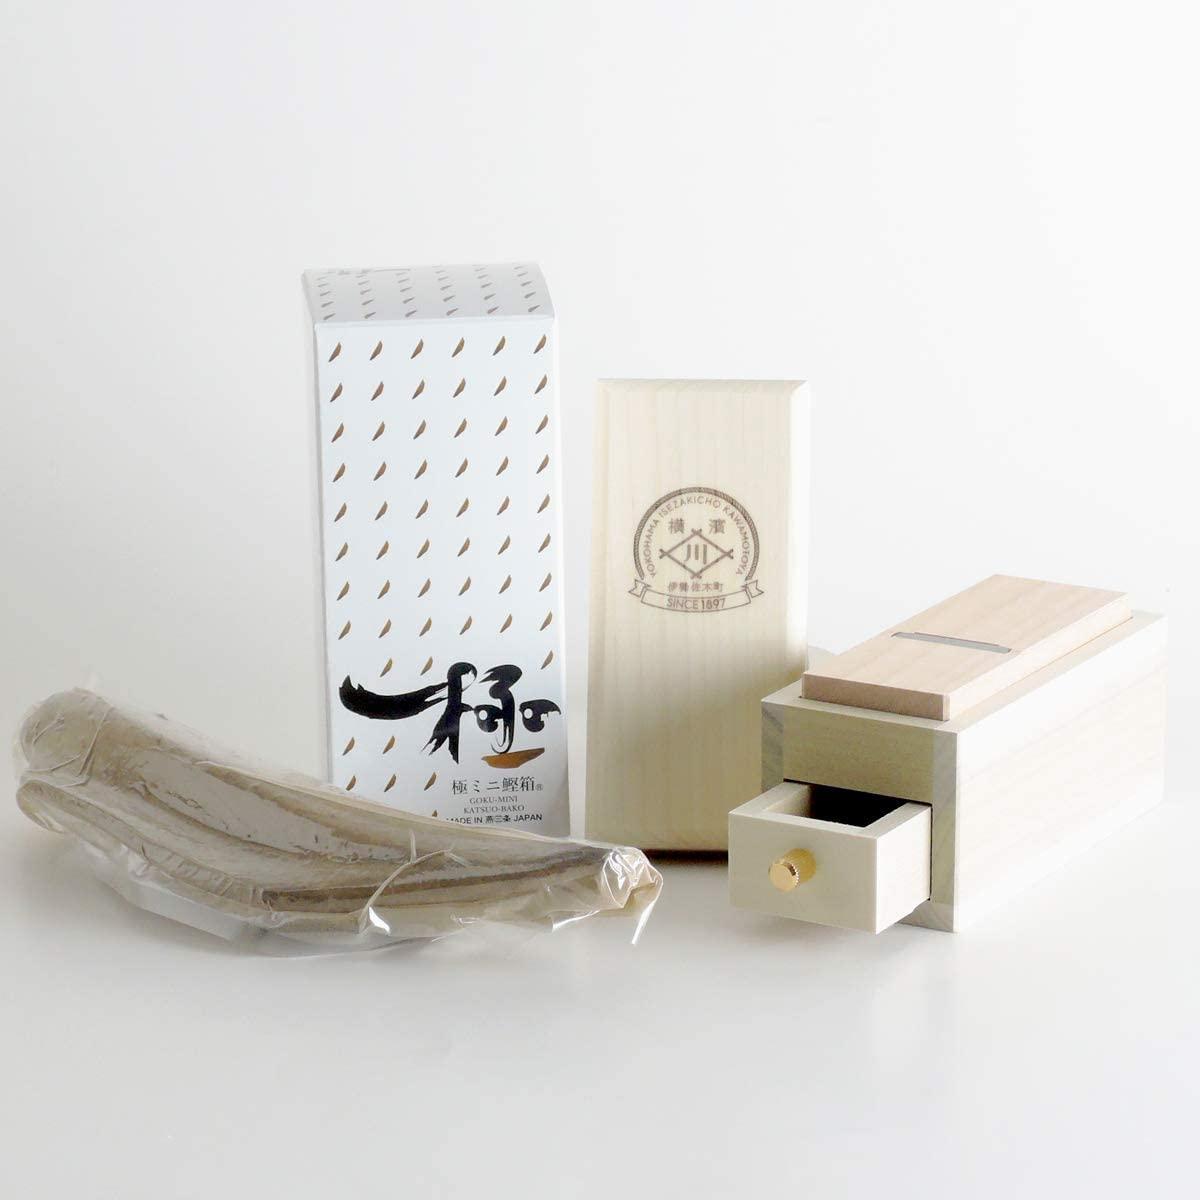 川本屋茶舗 鰹節とnewミニ削り器セットの商品画像